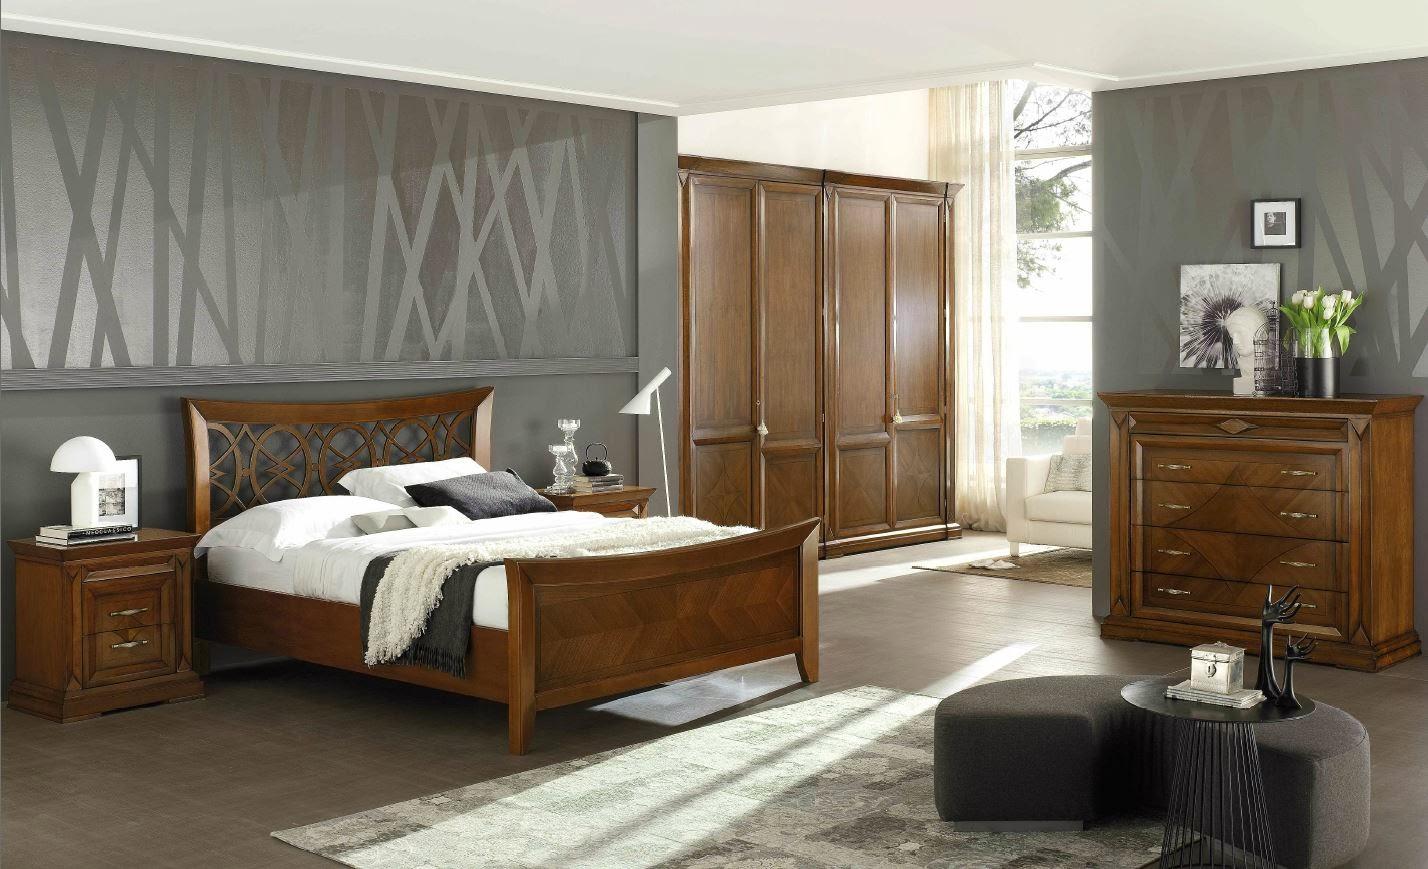 Arredi spatafora camera da letto la rochelle santarossa for Camere da letto in offerta